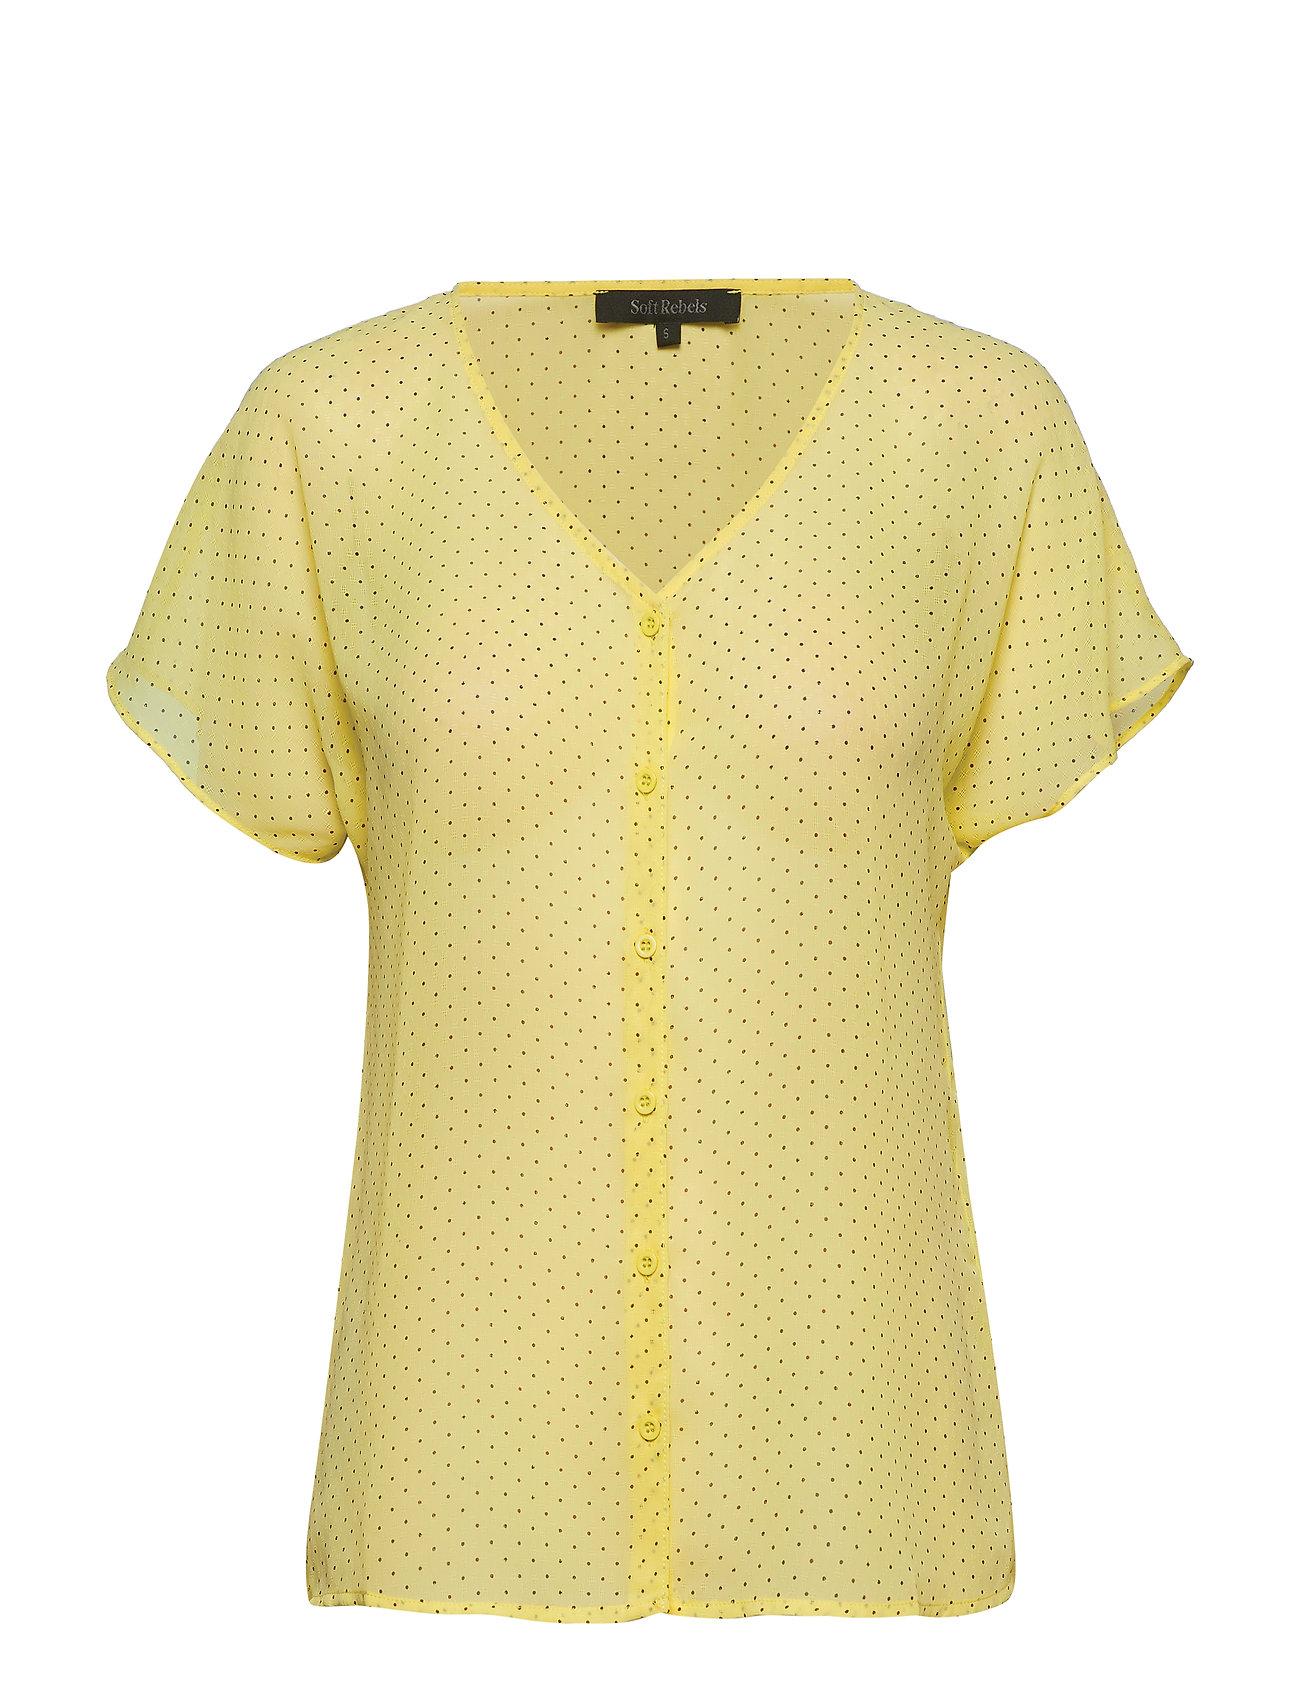 Soft Rebels Diana SS Shirt - ELFIN YELLOW